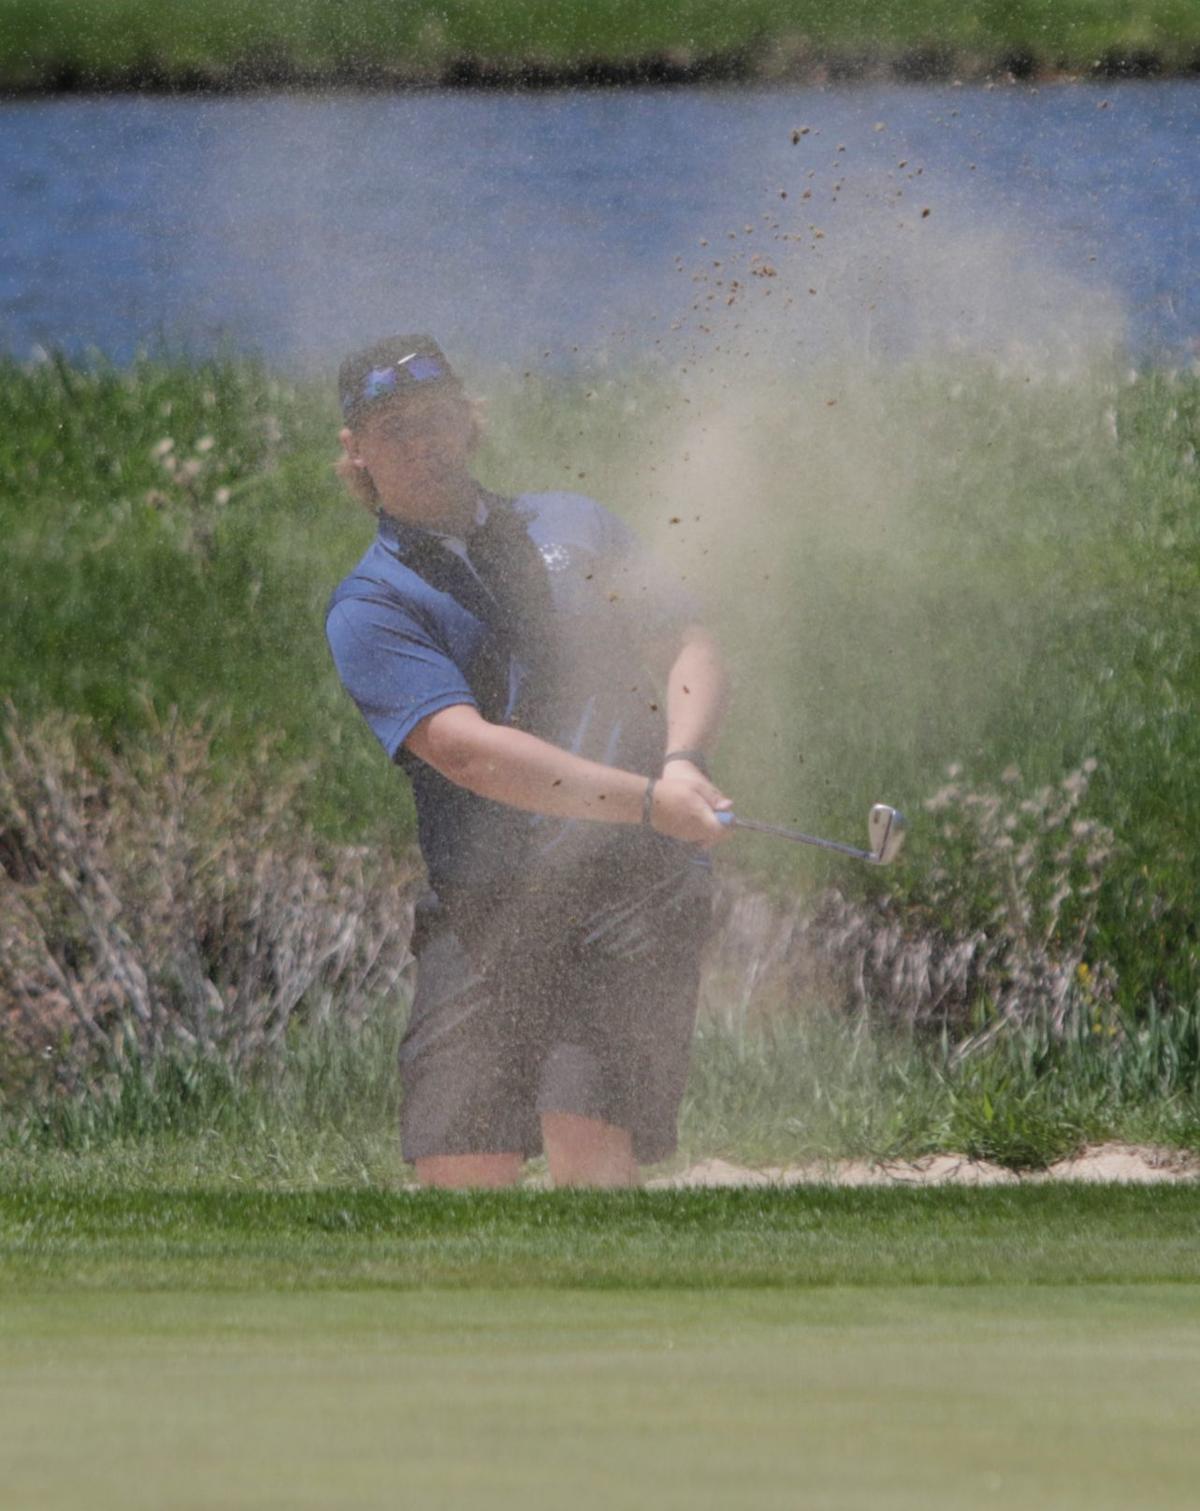 052218-spt-golf002